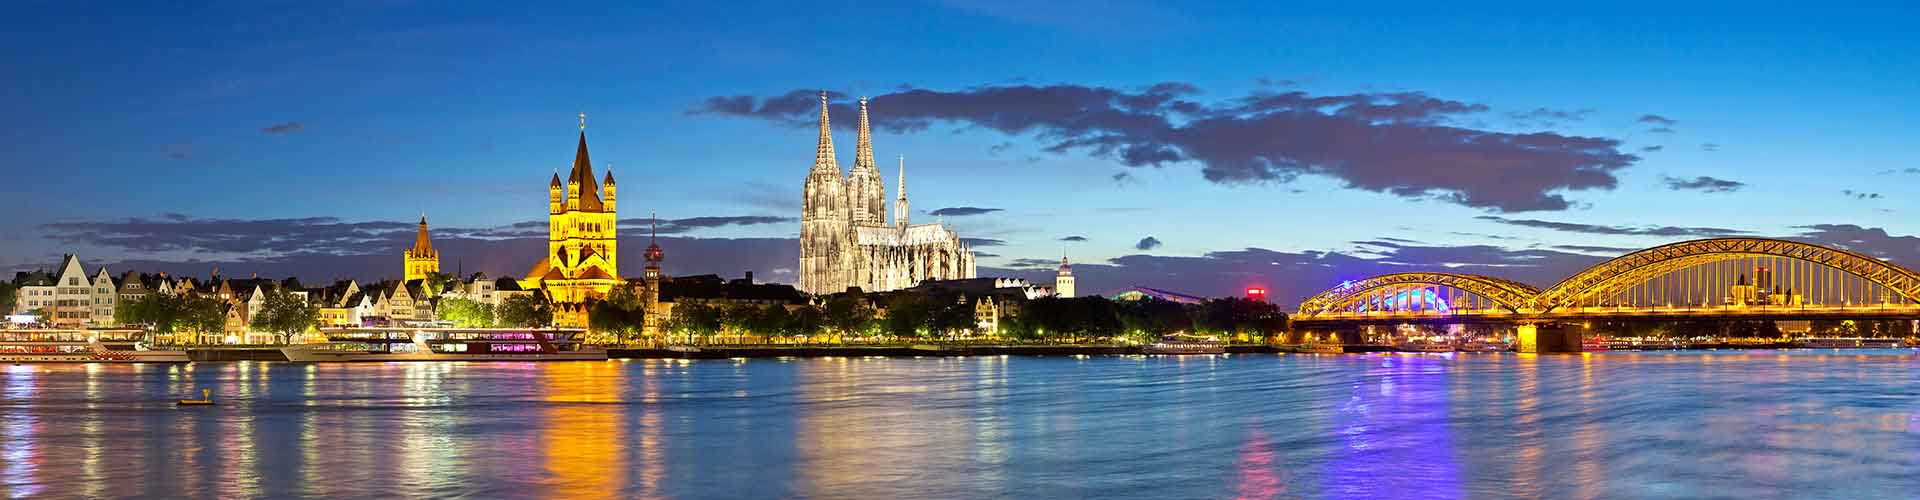 쾰른 - 쾰른에 있는 호스텔. 쾰른의 지도, 쾰른에 위치한 호스텔 사진 및 후기 정보.